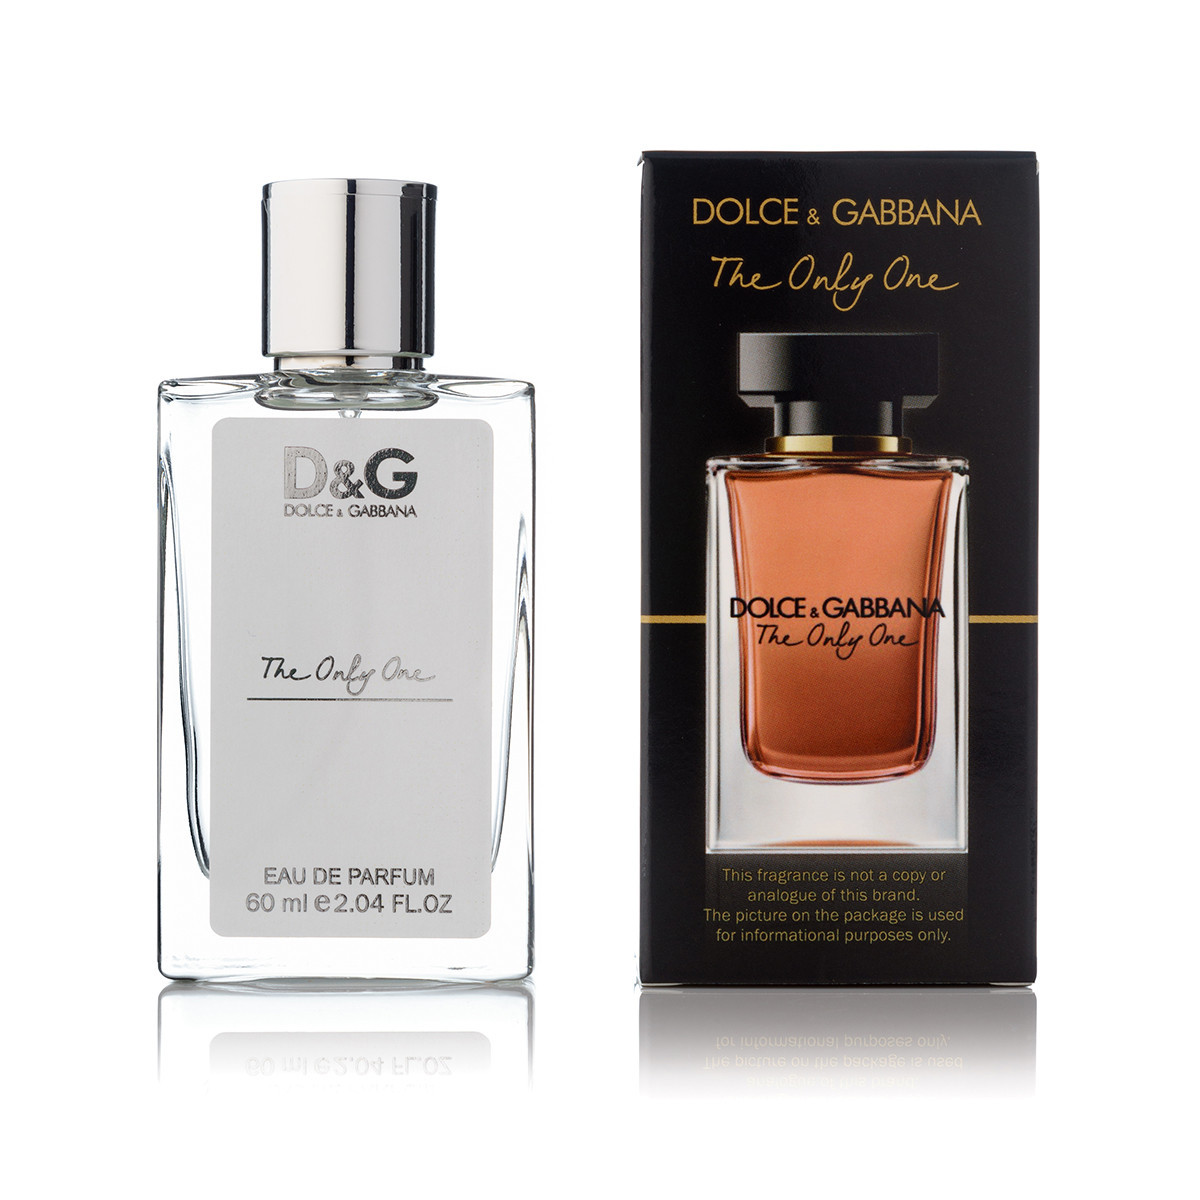 Женская парфюмированная вода Dolce&Gabbana The Only One (дольче габбана зе онли ван) тестер 60 мл (реплика)